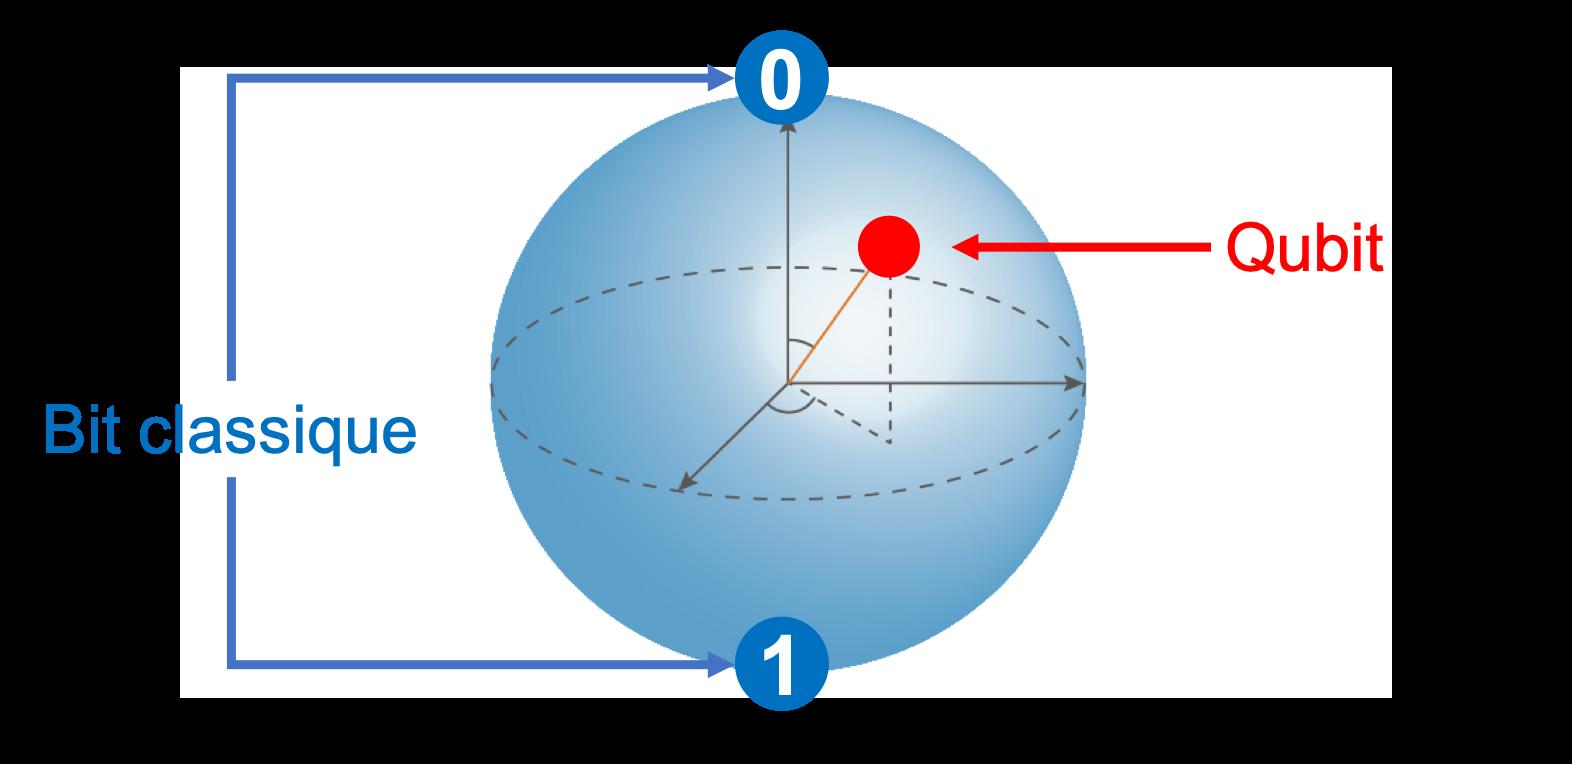 Qubit et bit classique